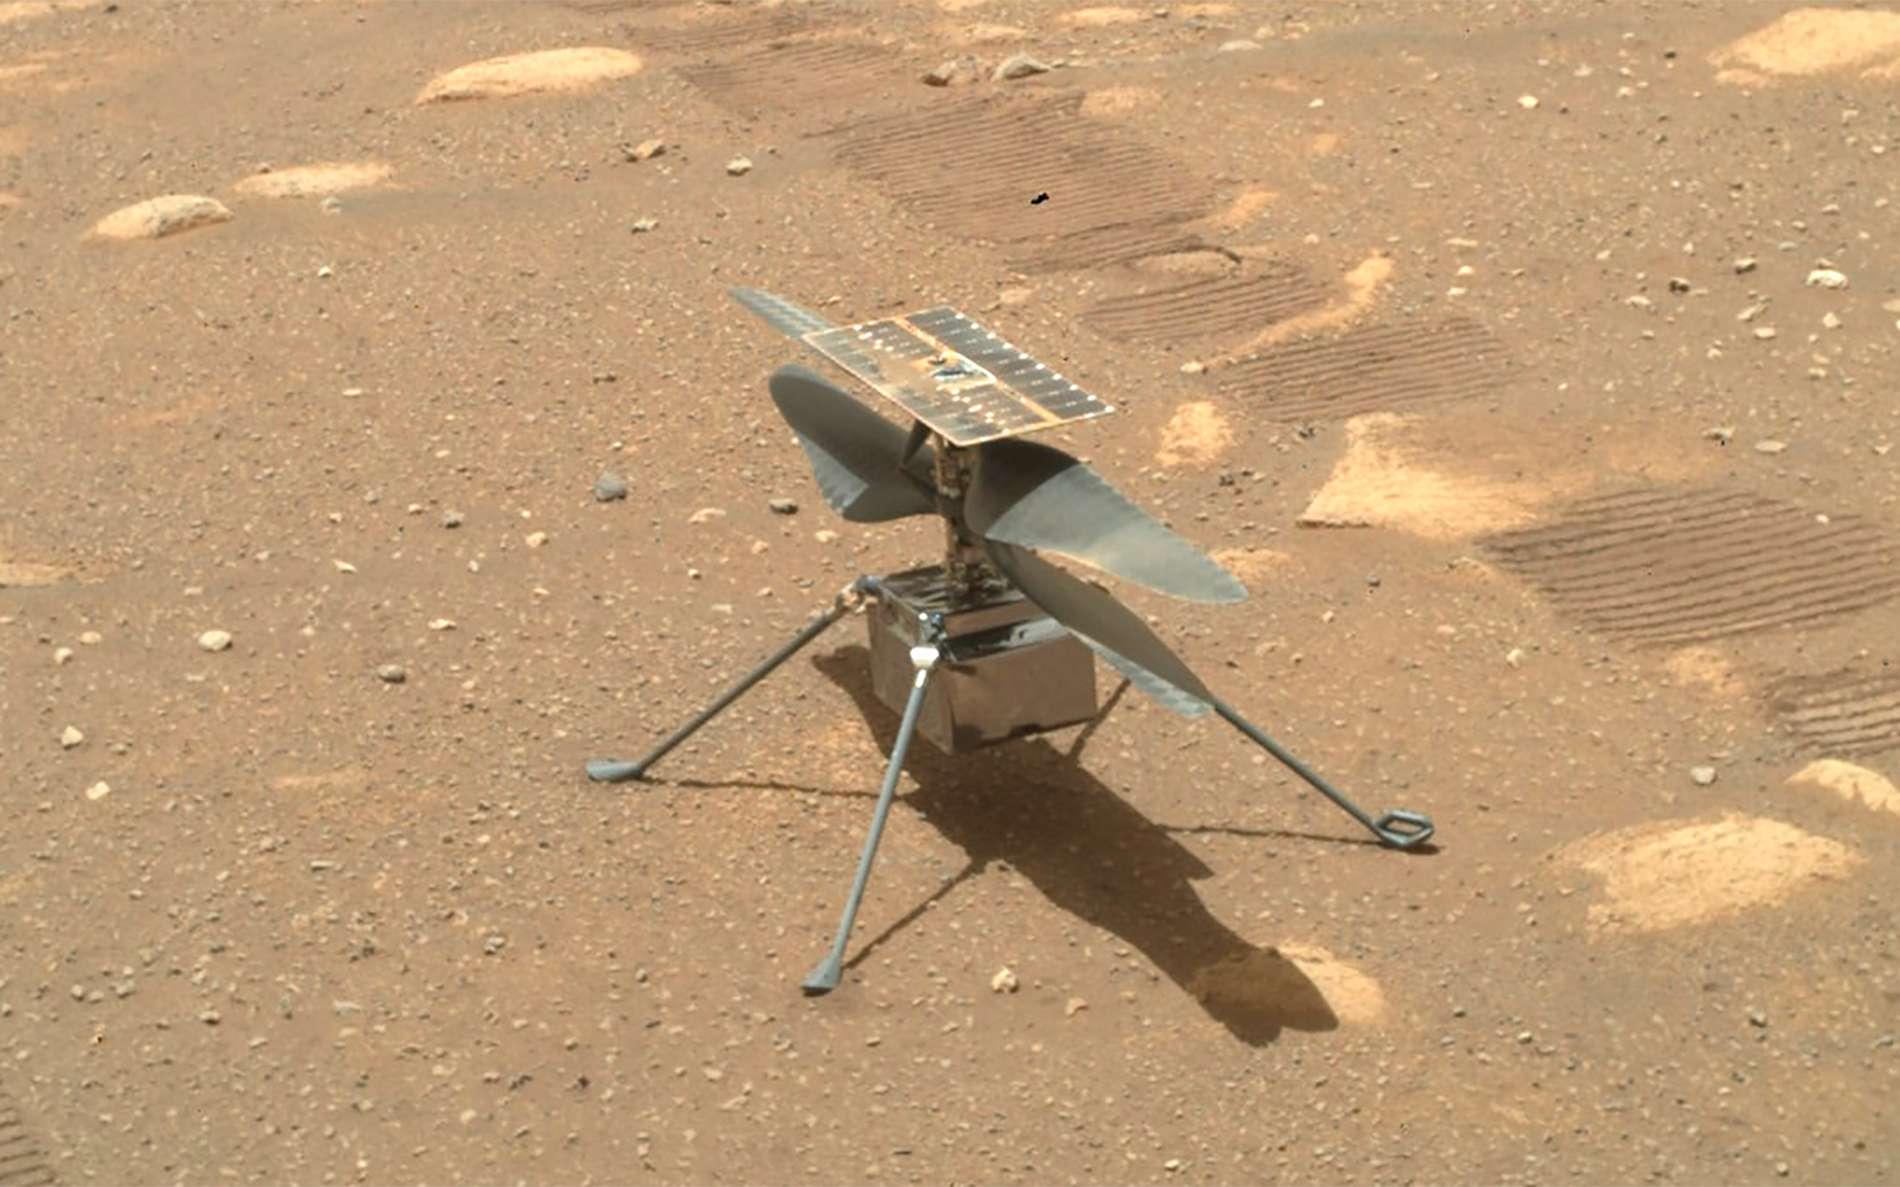 Ingenuity sur le sol de Mars. © Nasa, JPL-Caltech